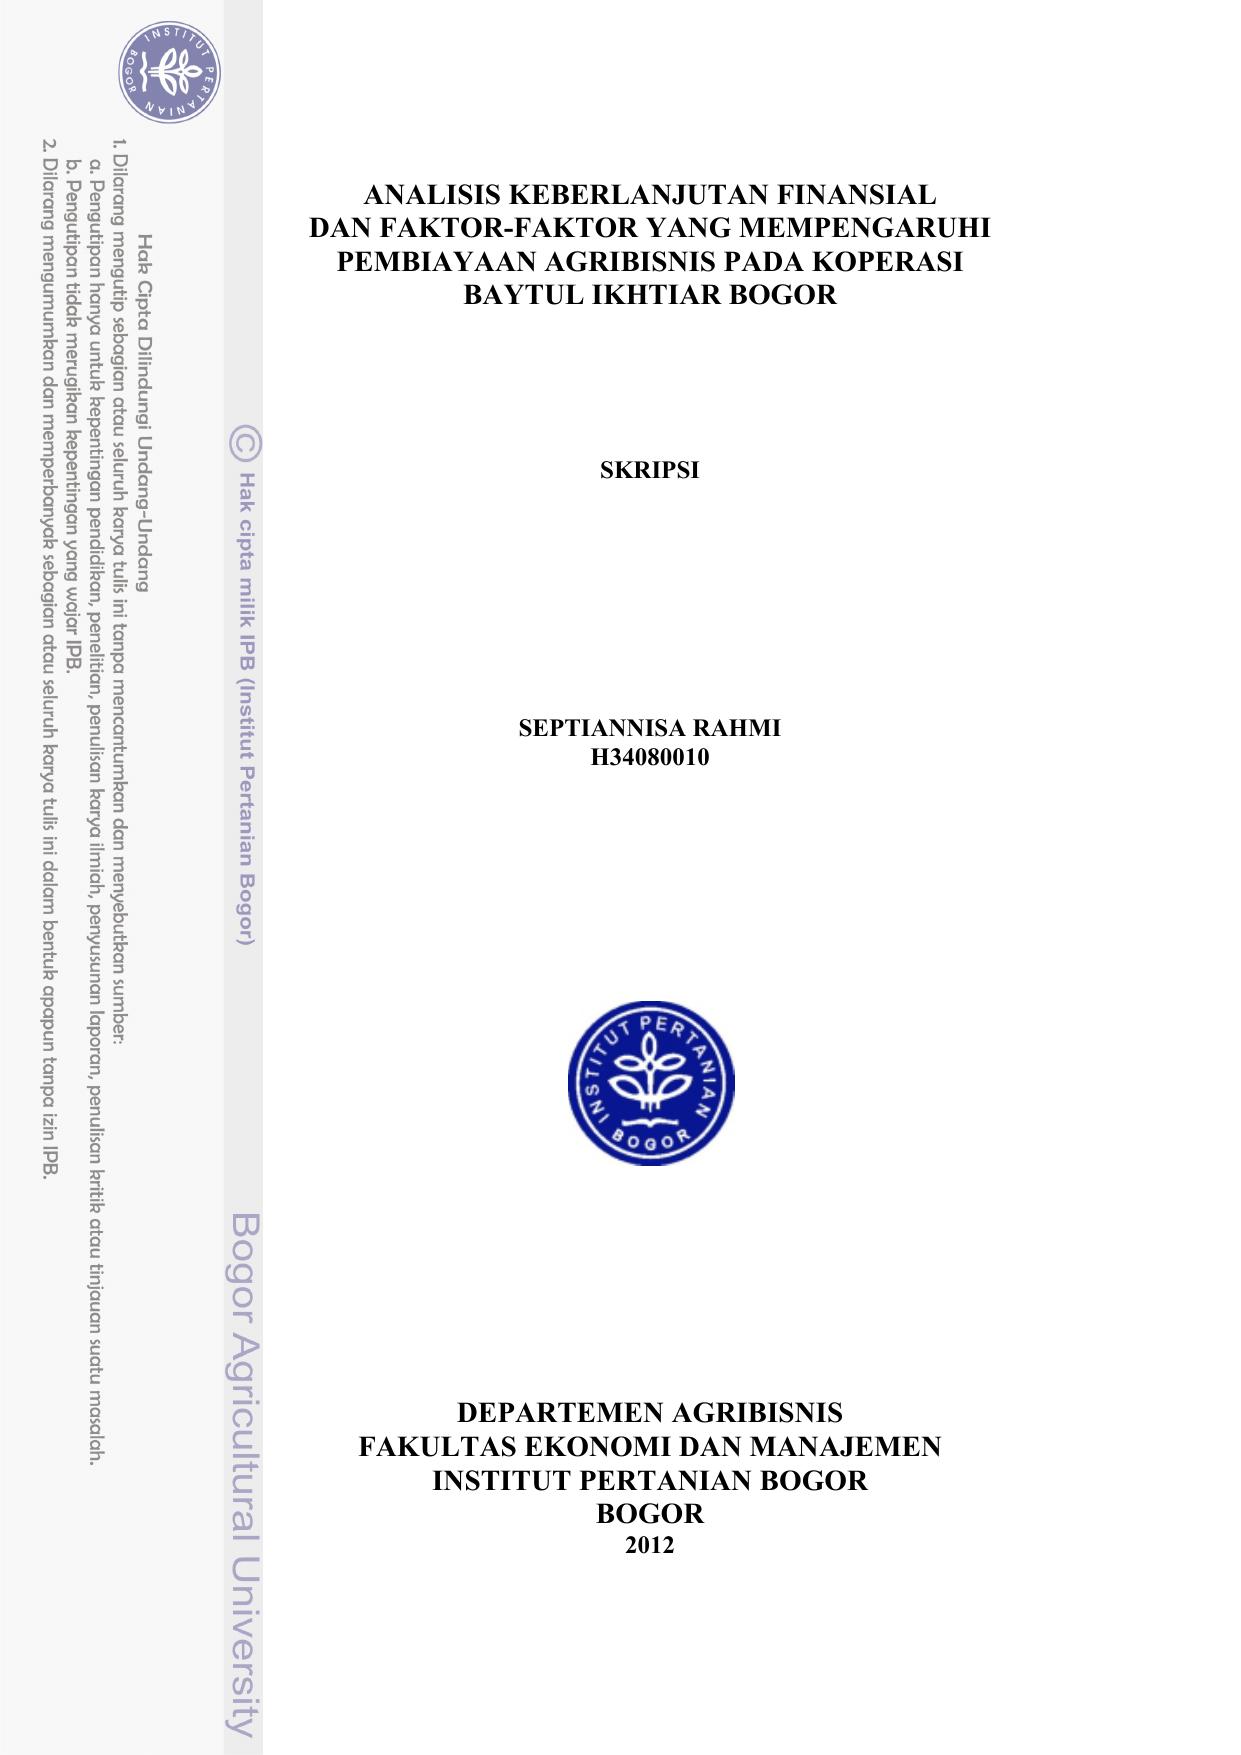 Skripsi Analisis Kinerja Keuangan Pada Koperasi Simpan Pinjam Kumpulan Berbagai Skripsi